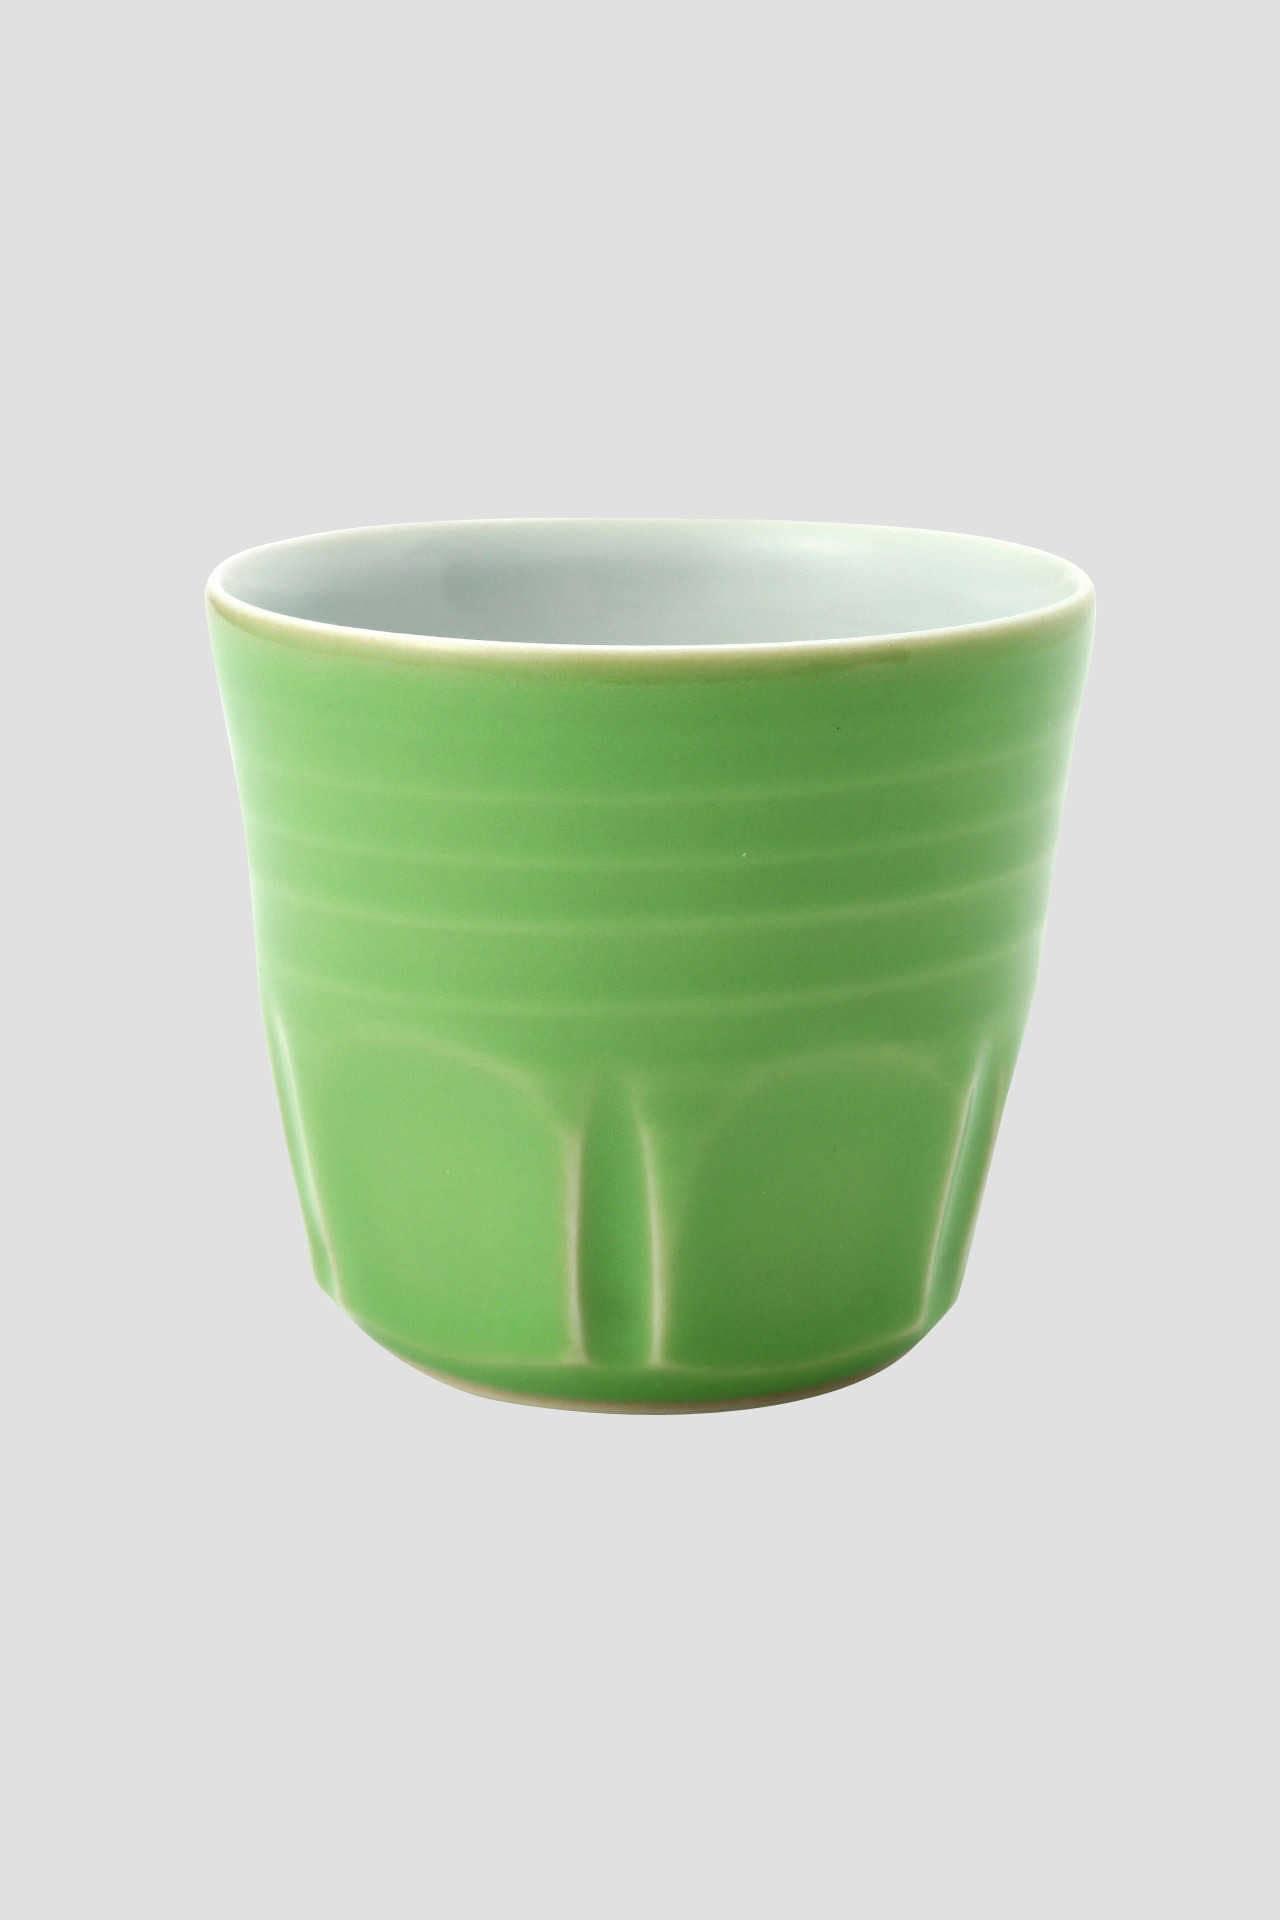 ASAHIYAKI SMALL CUP3